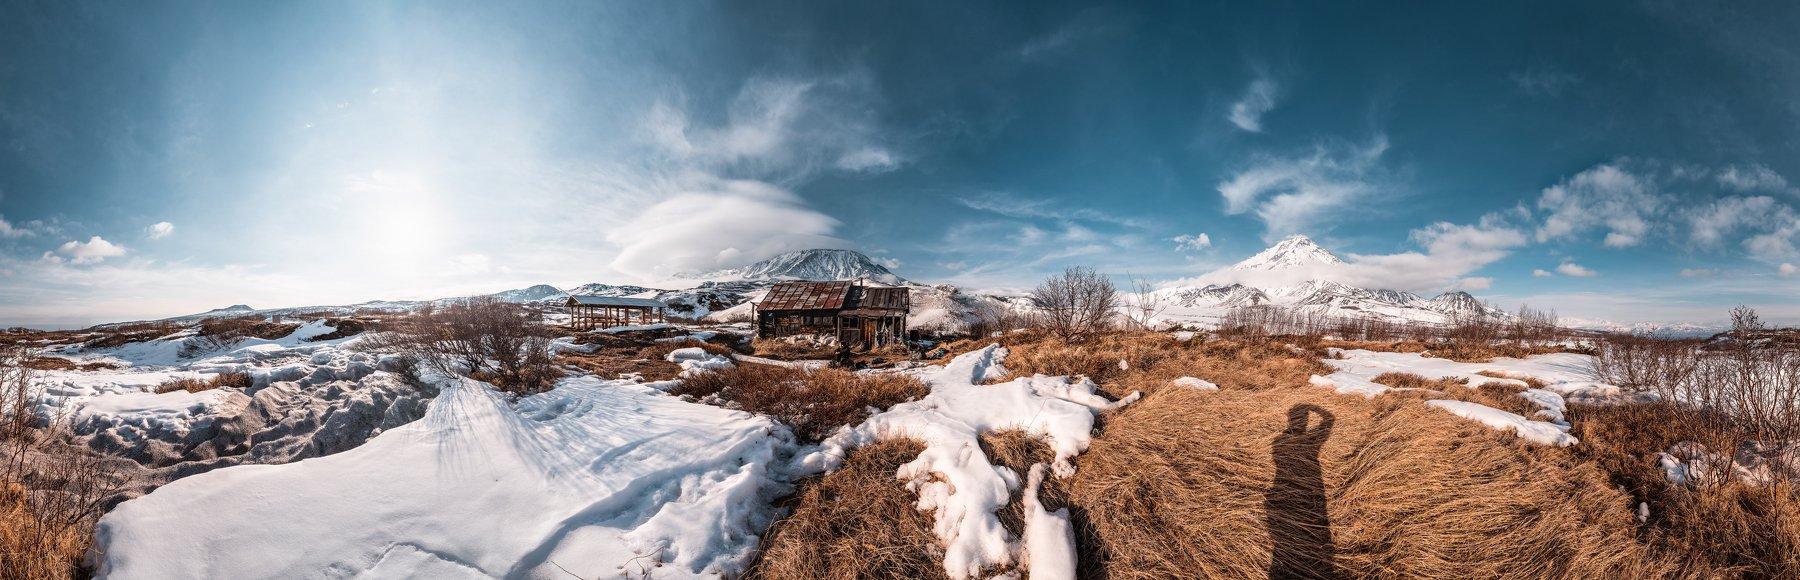 Камчатка, Толуд, вулканы, Evgeniy Khilkevitch